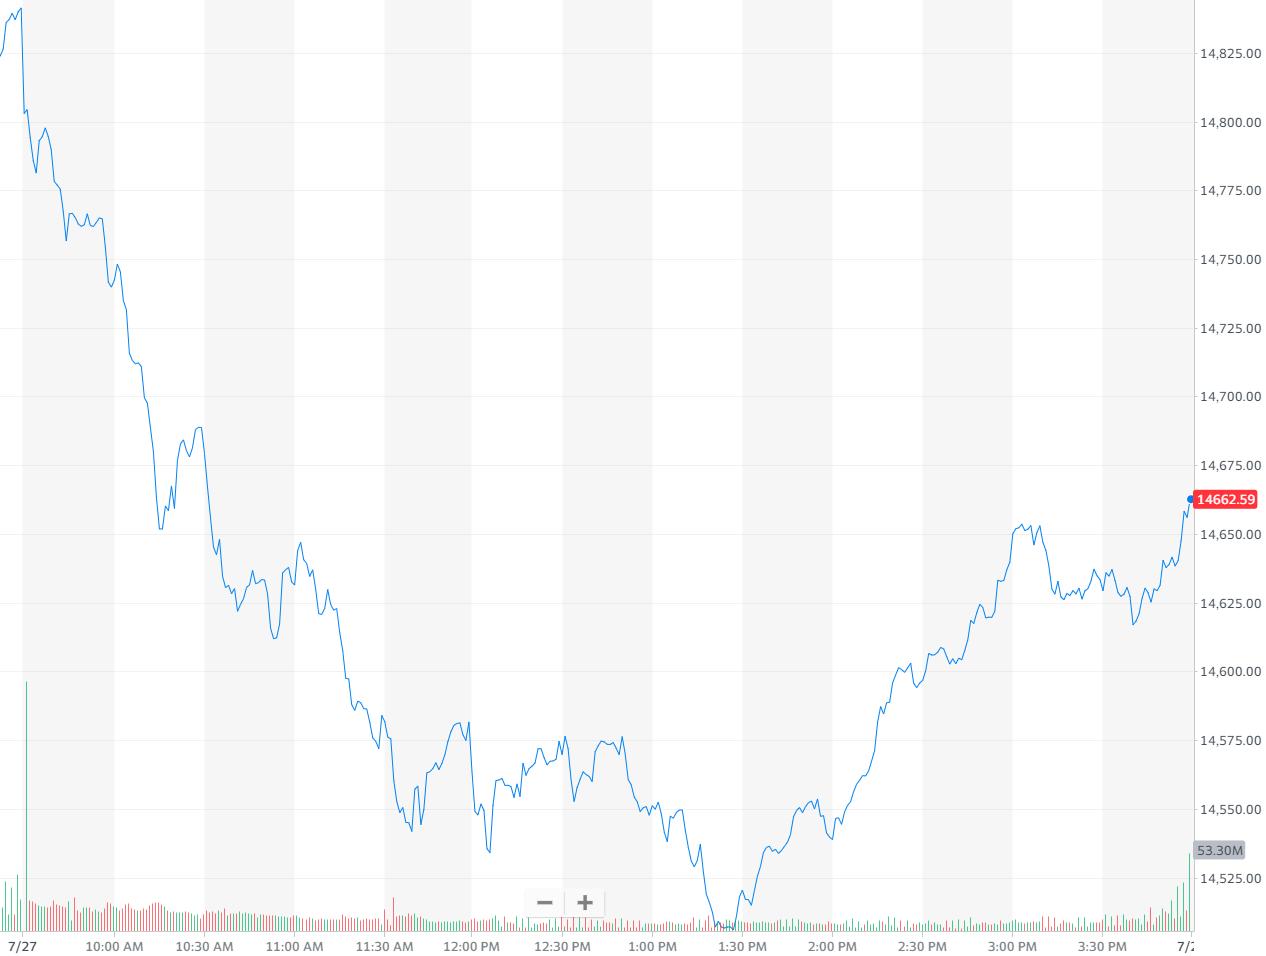 纳指跌1.21%,报收14660.58点